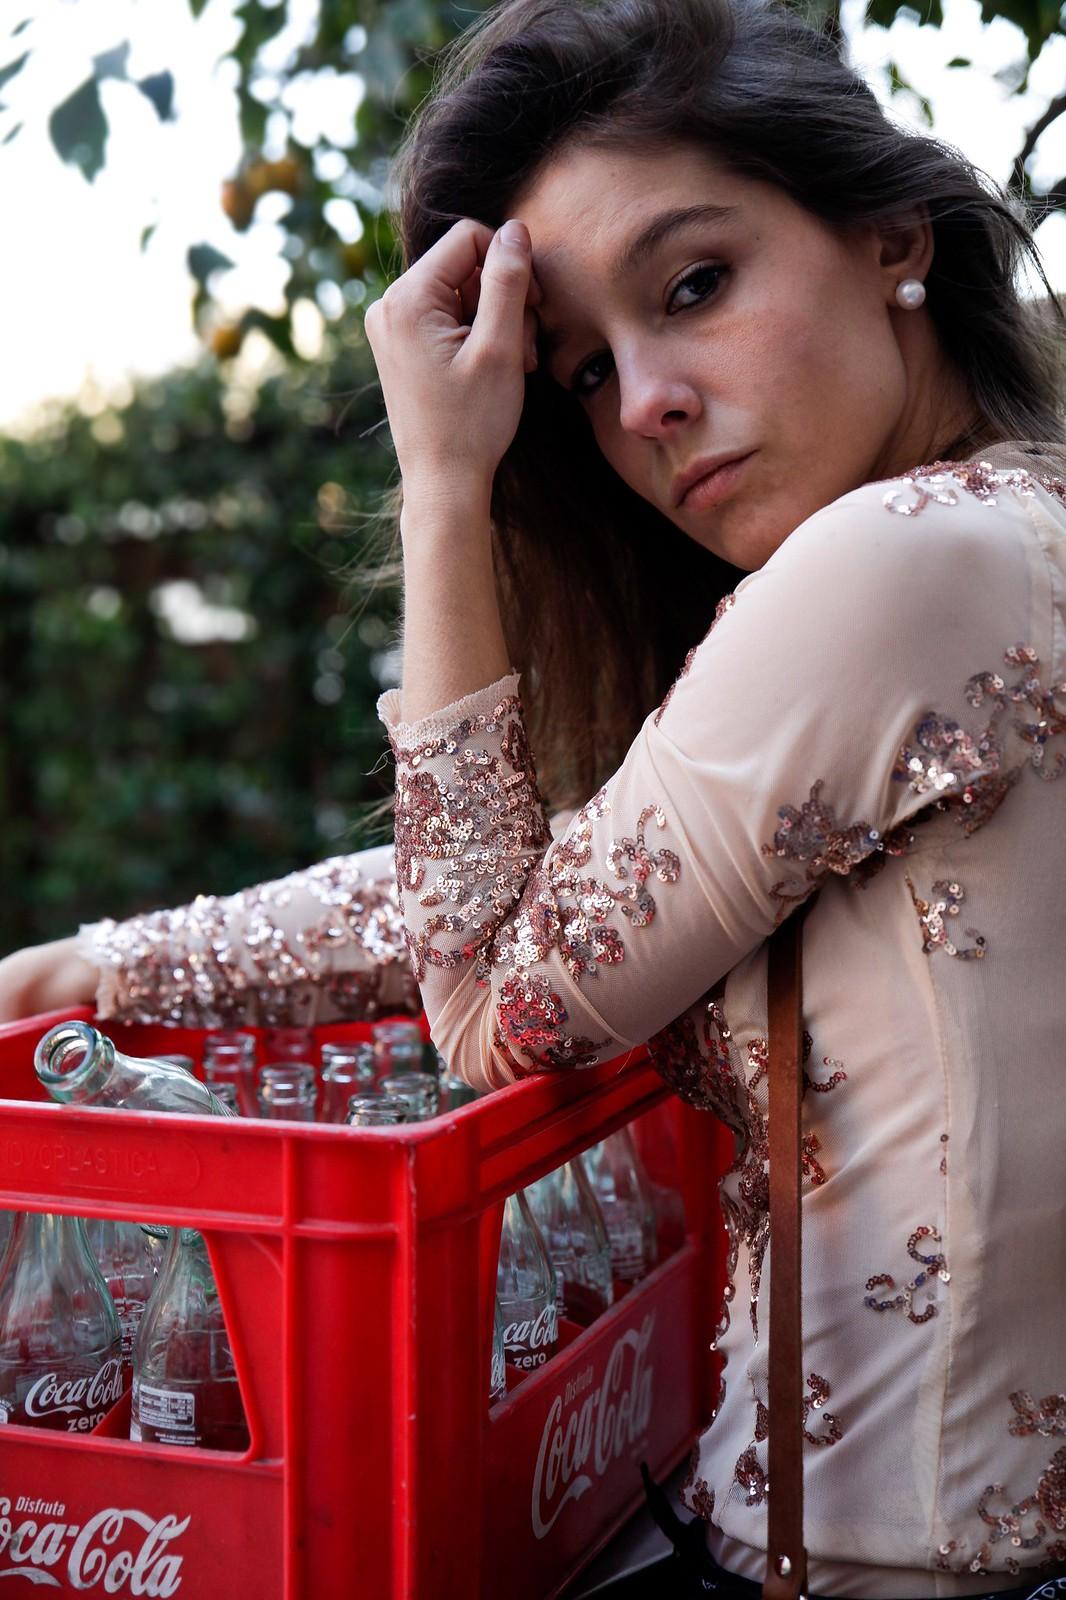 014_Sequins_Body_Nihgt_outfit_Danity_Paris_theguestgirl_laura_samtolaria